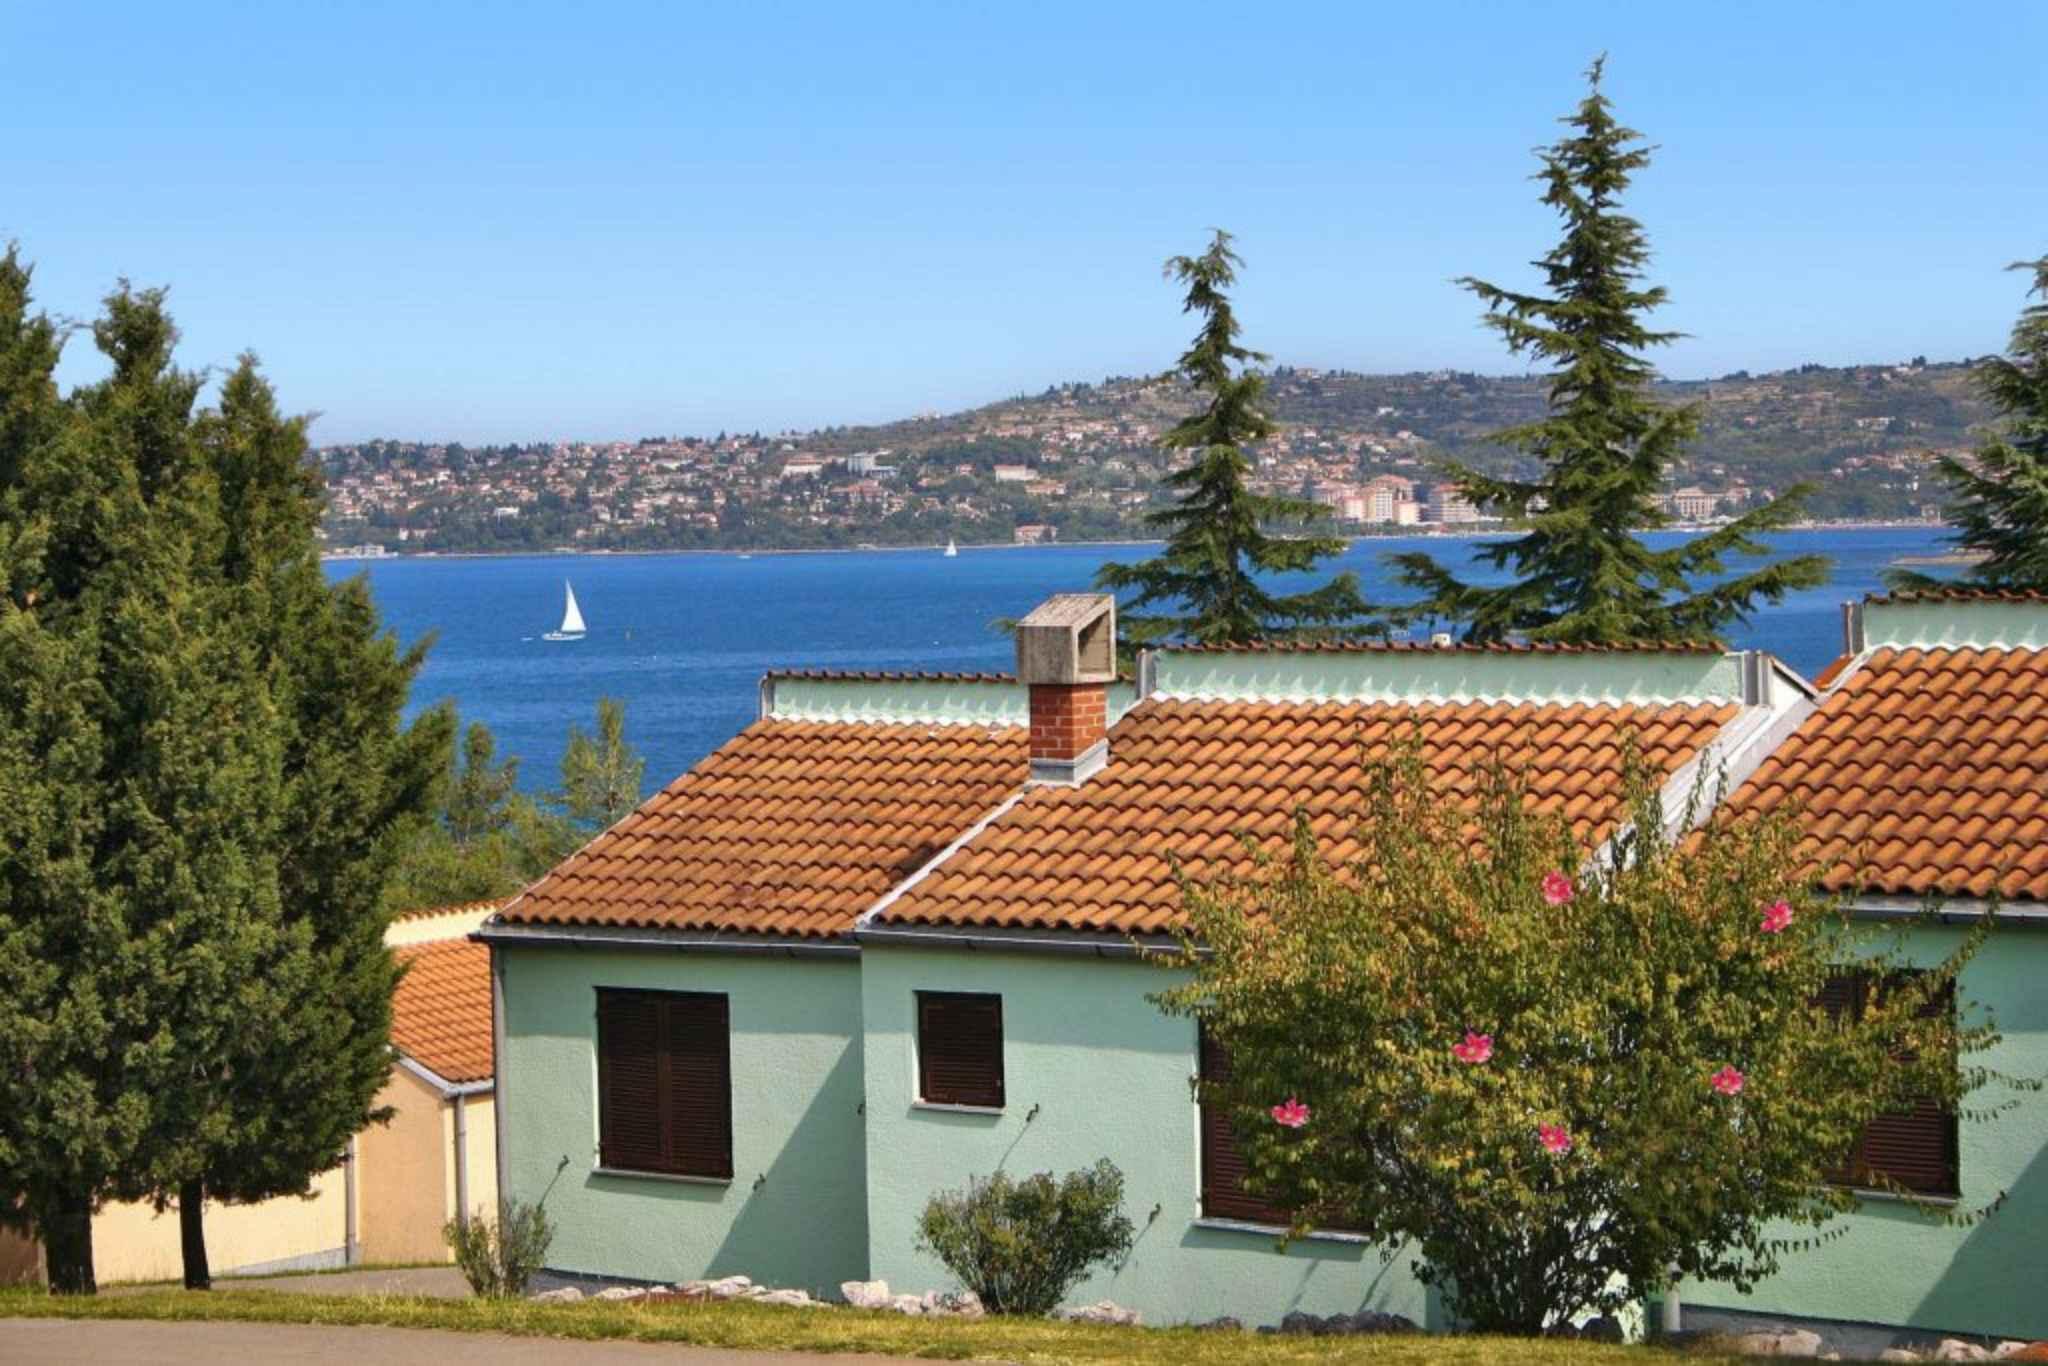 Ferienhaus Bungalow in der Ferienanlage Kanegra (281162), Umag, , Istrien, Kroatien, Bild 3